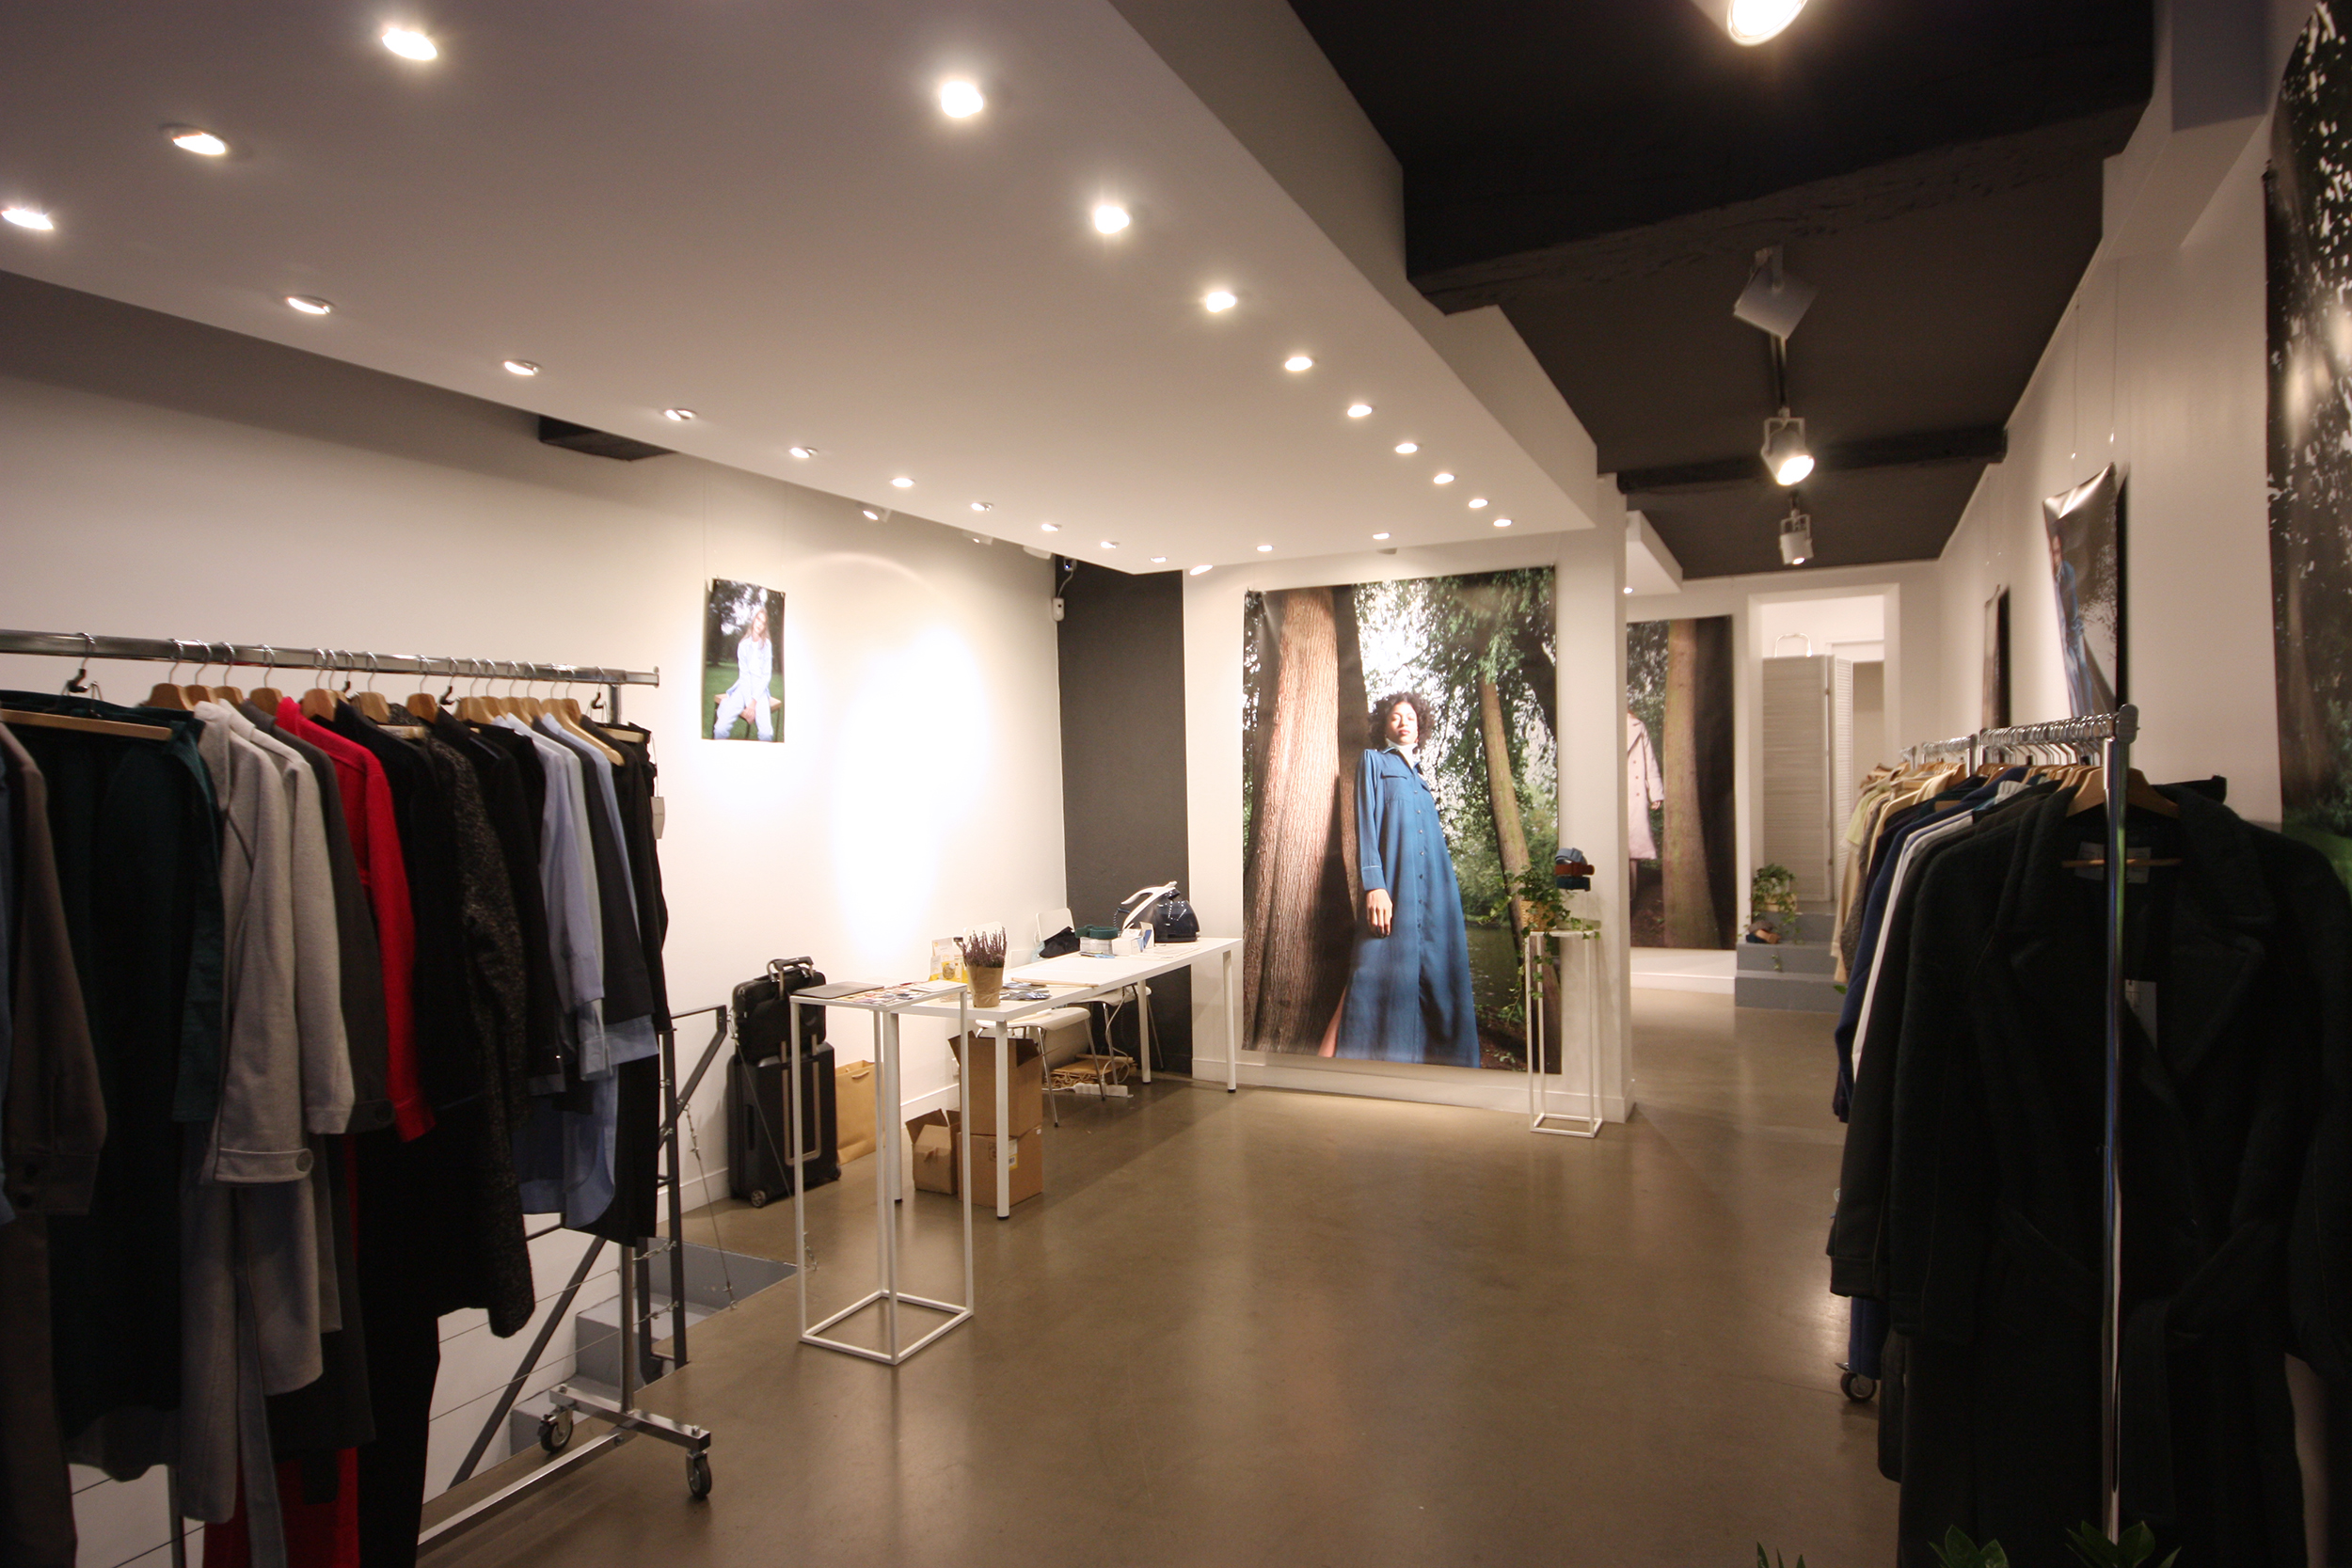 Location boutique ephemere Paris Esmé studio